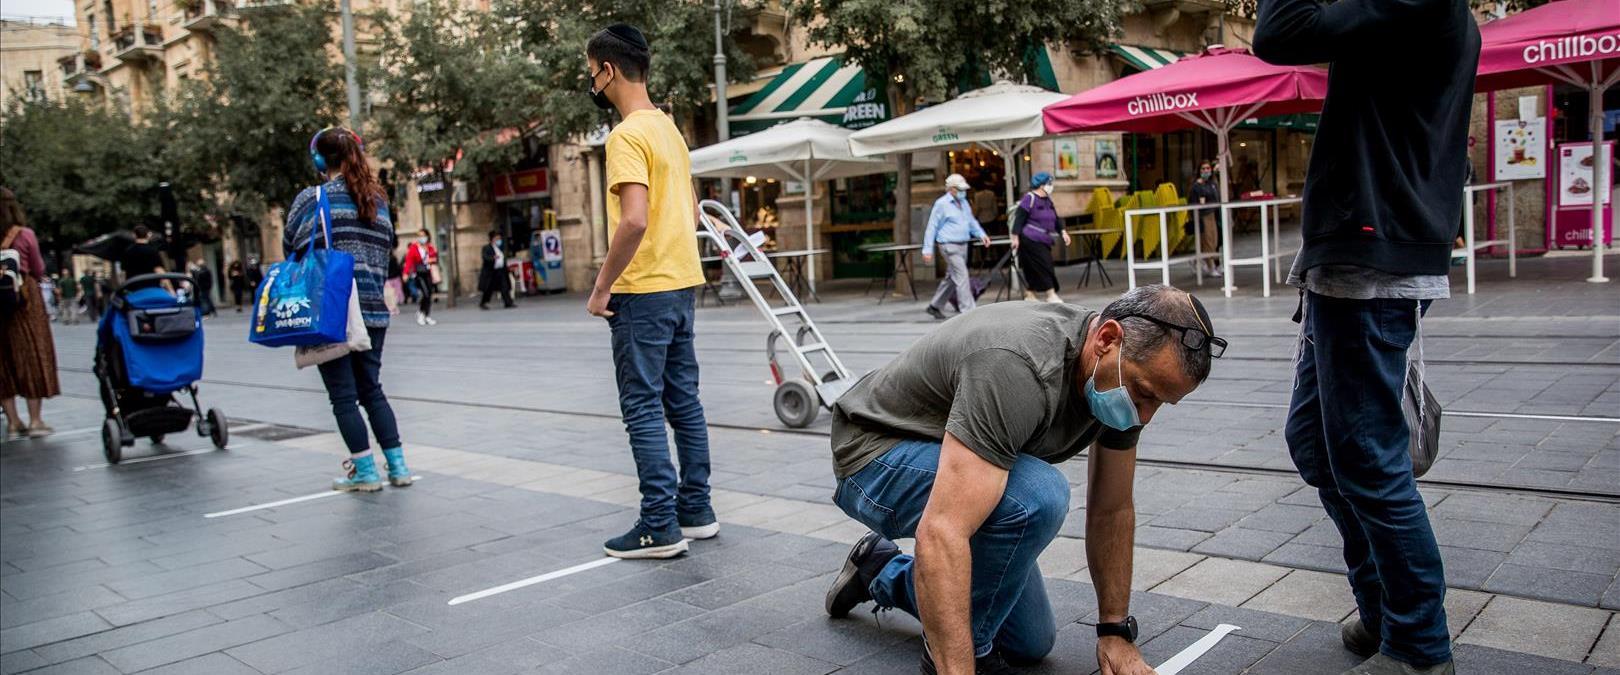 חנויות רחוב בירושלים